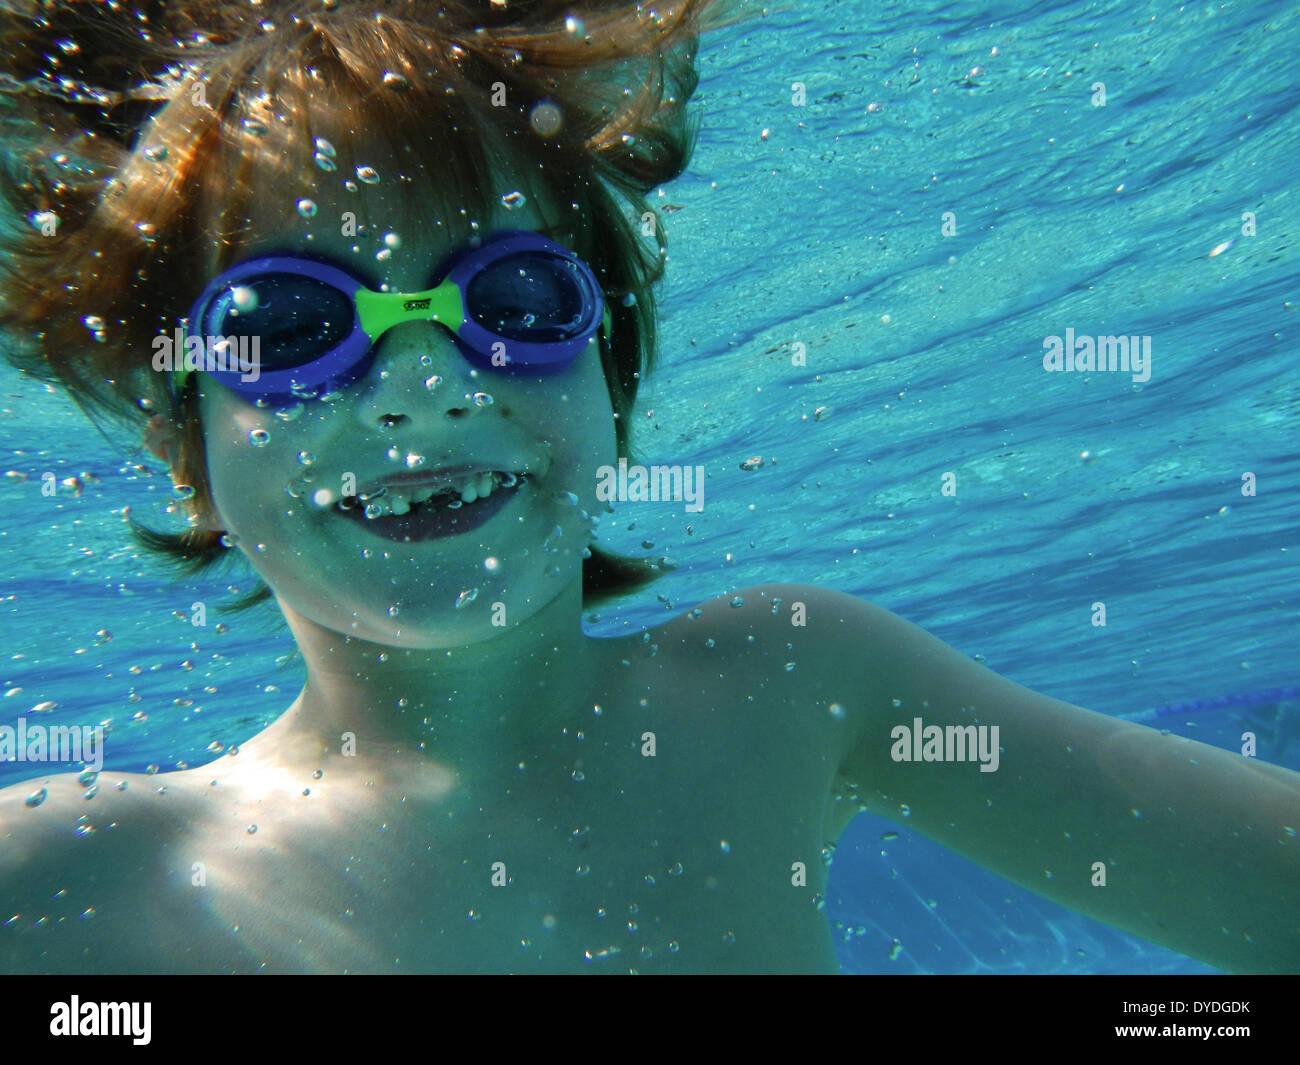 Sept ans sous l'eau. Photo Stock